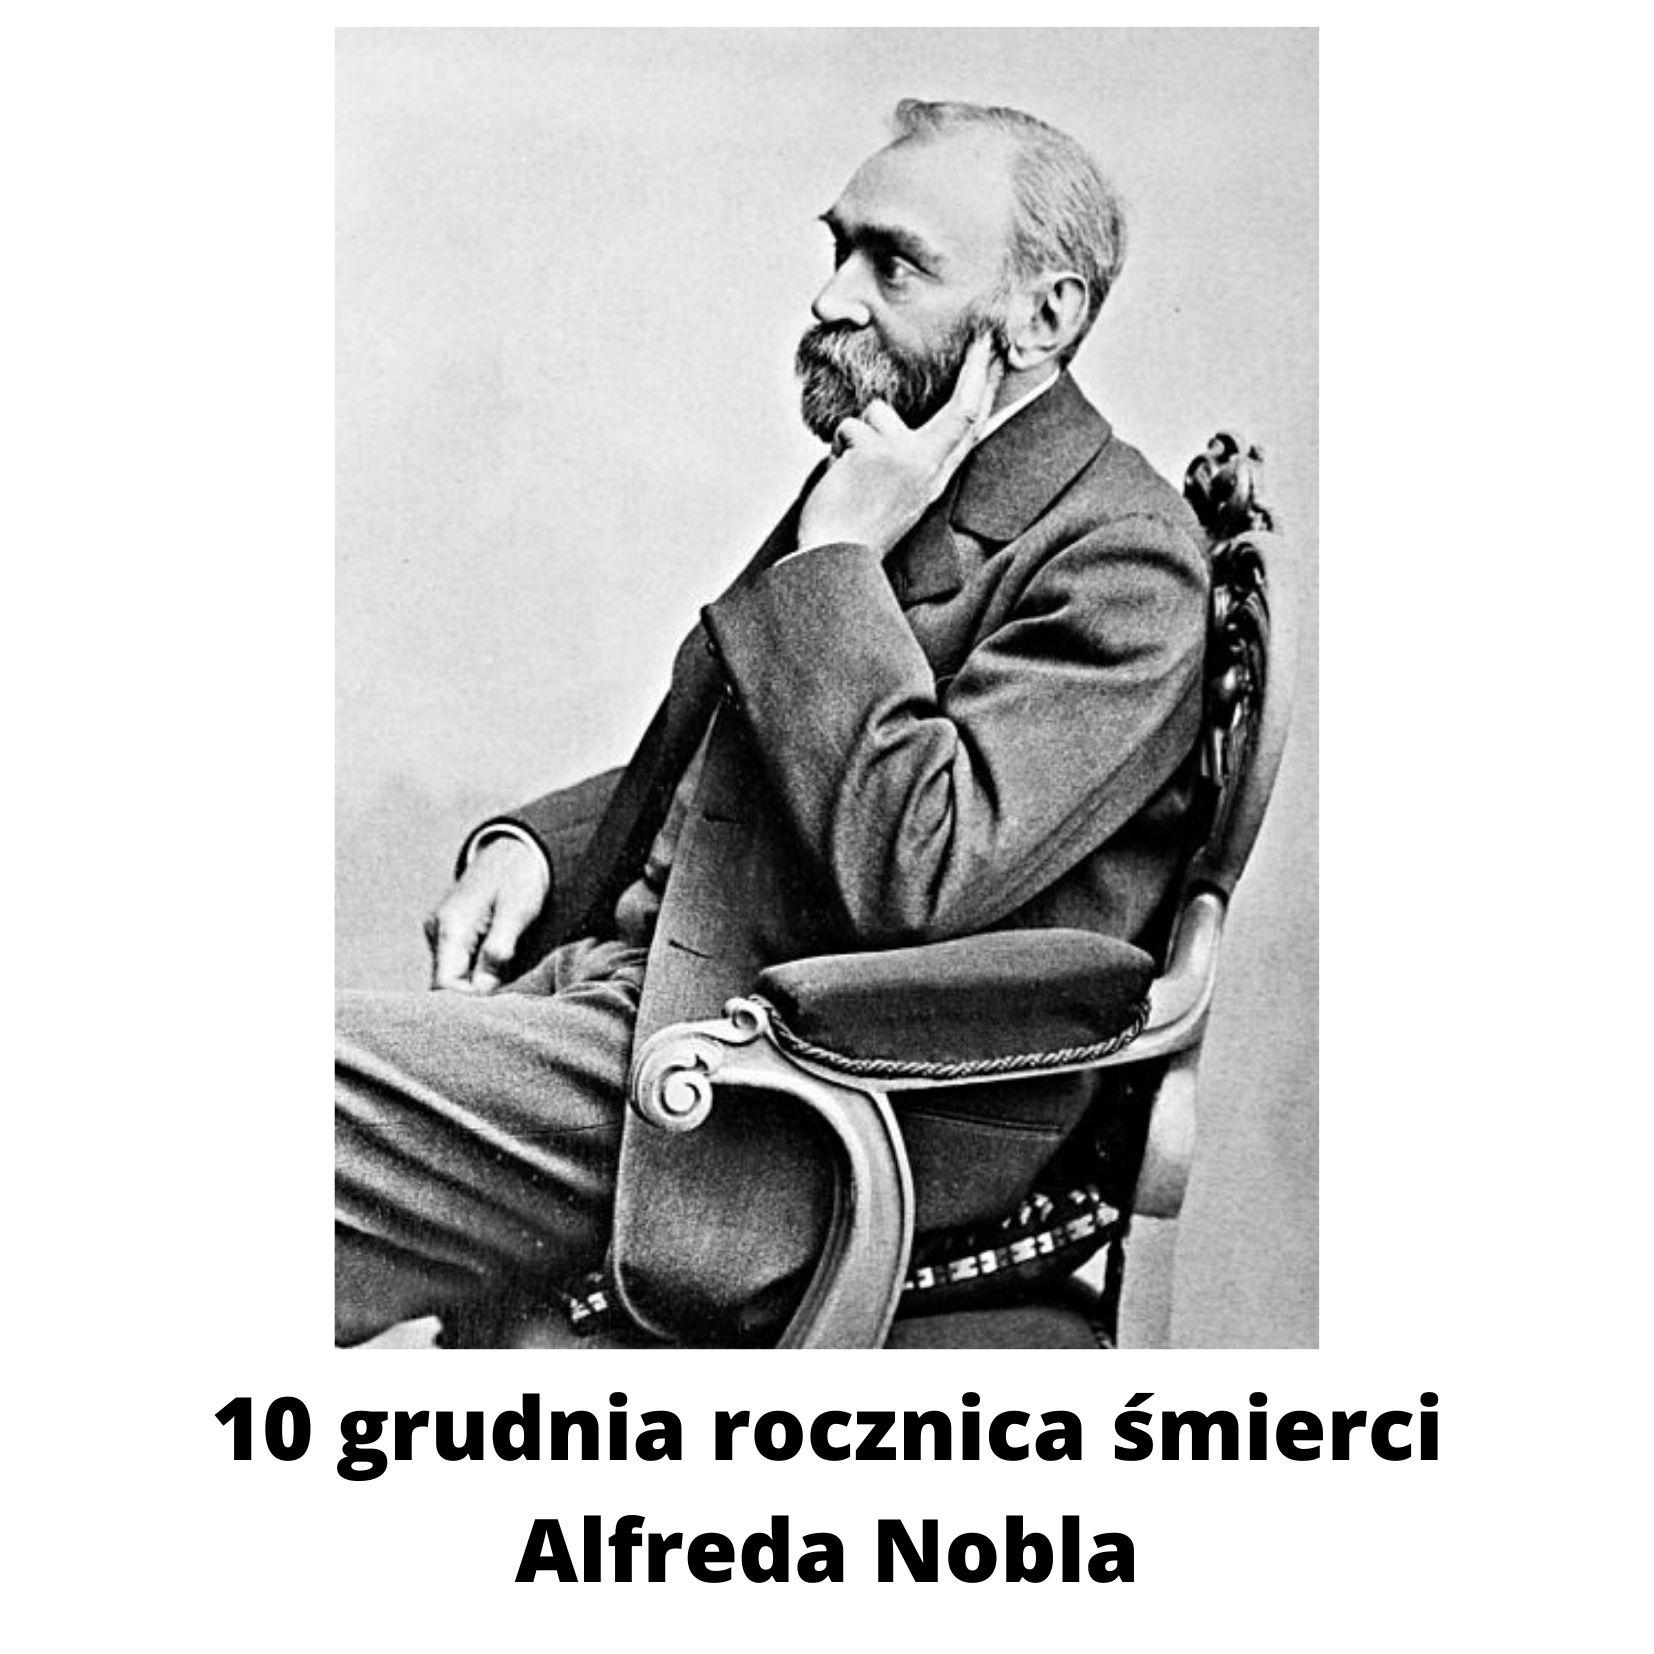 10 grudnia rocznica śmierci Alfreda Nobla